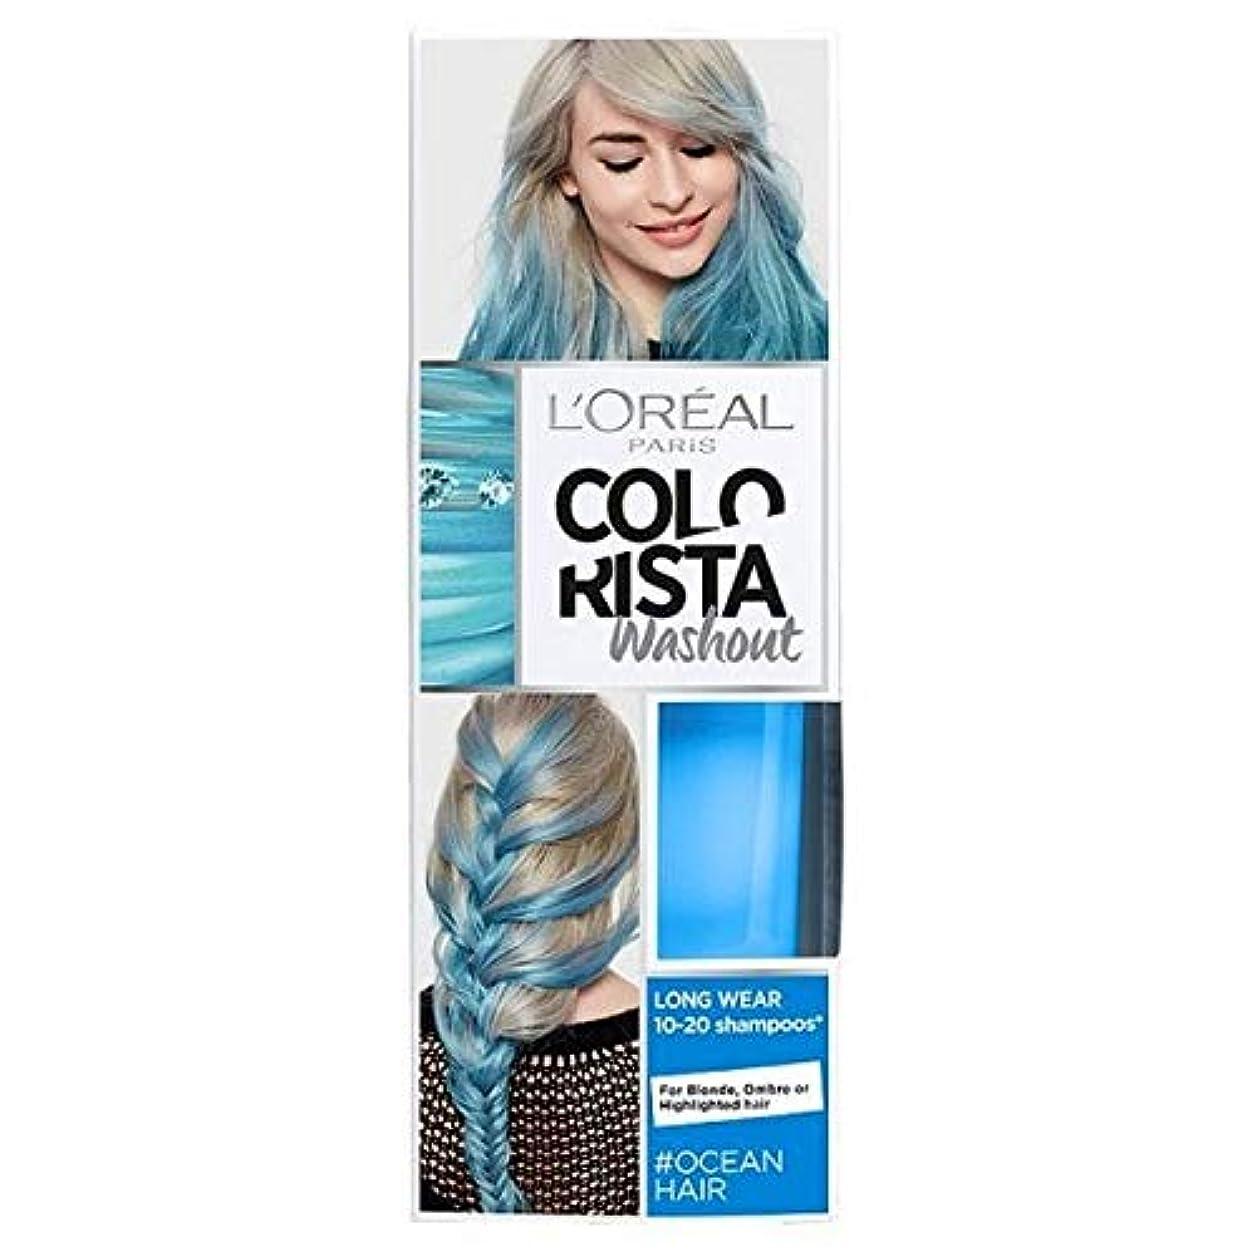 致命的な高価なフェード[Colorista] Colorista洗い出しオーシャンブルーネオン半永久染毛剤 - Colorista Washout Ocean Blue Neon Semi-Permanent Hair Dye [並行輸入品]